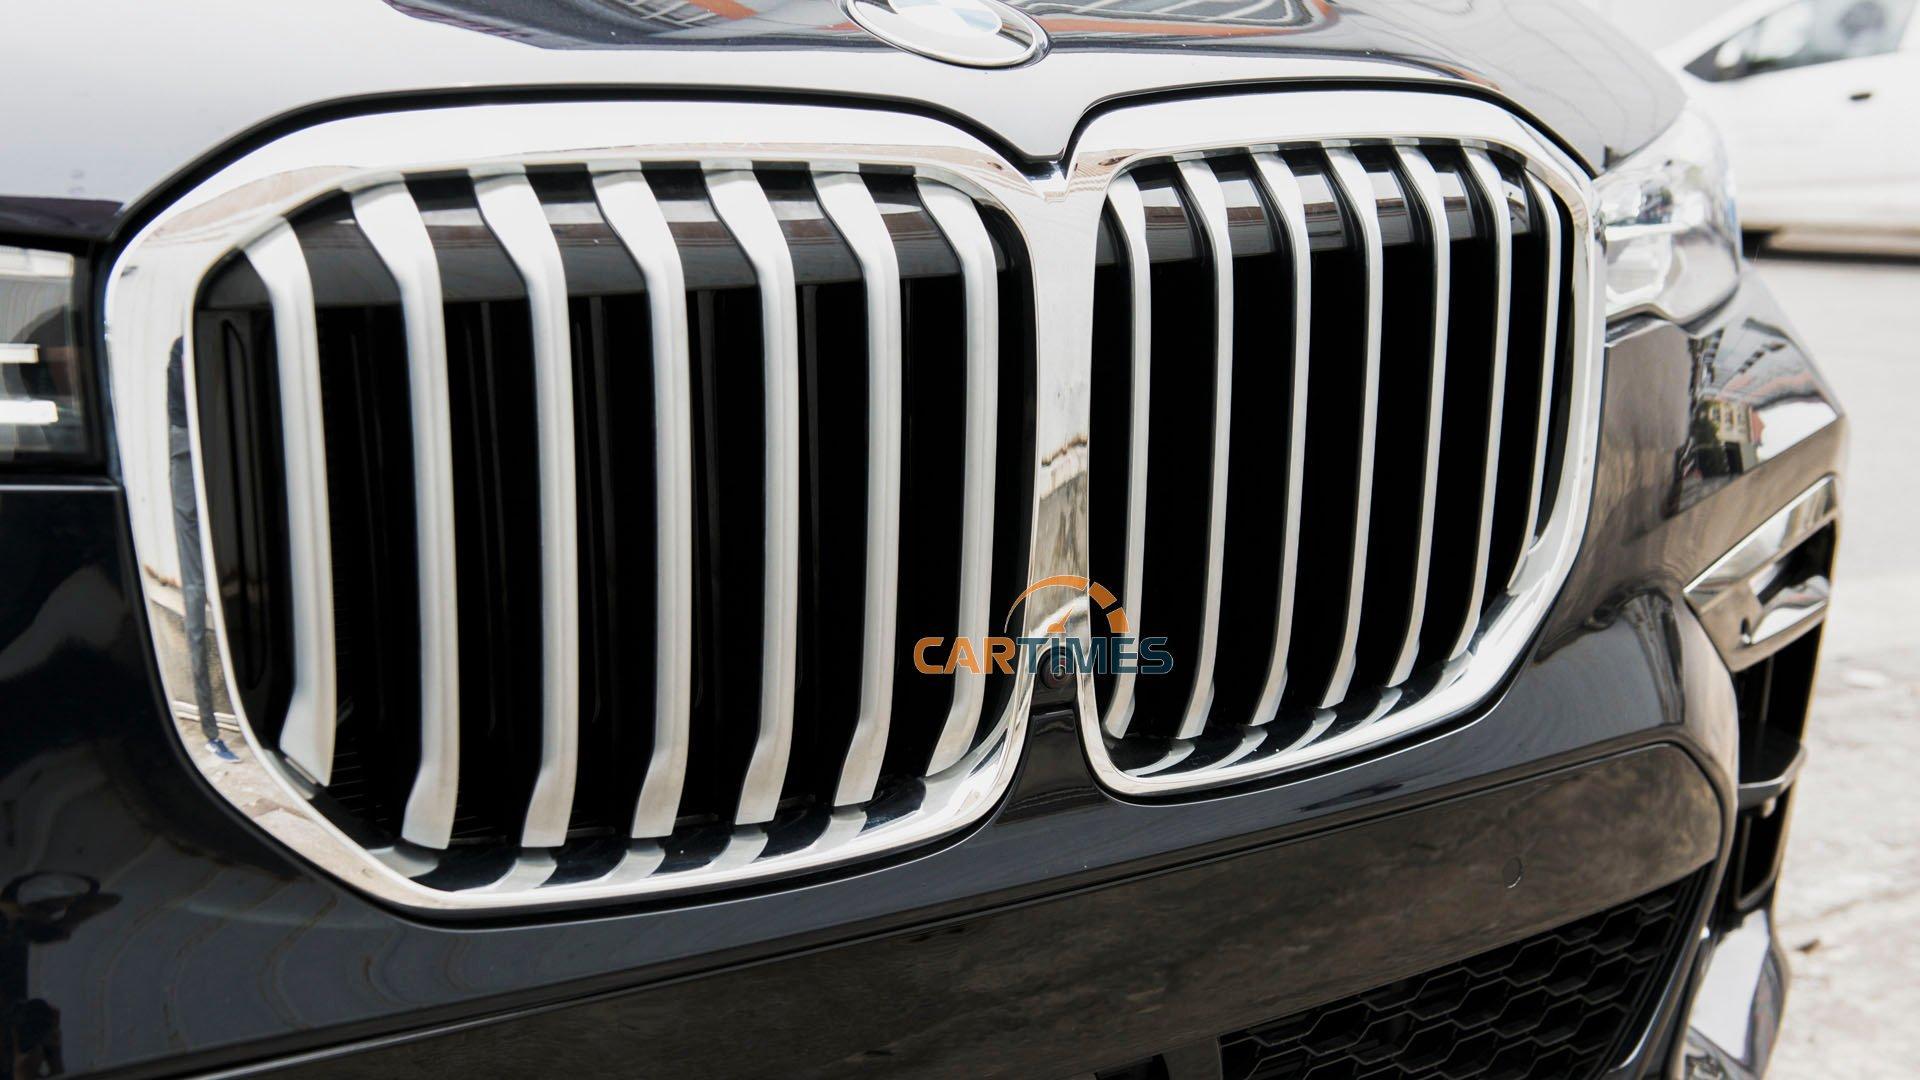 Giá hơn 7 tỷ đồng, BMW X7 thứ 2 về Việt Nam có những trang bị gì? Ảnh 20